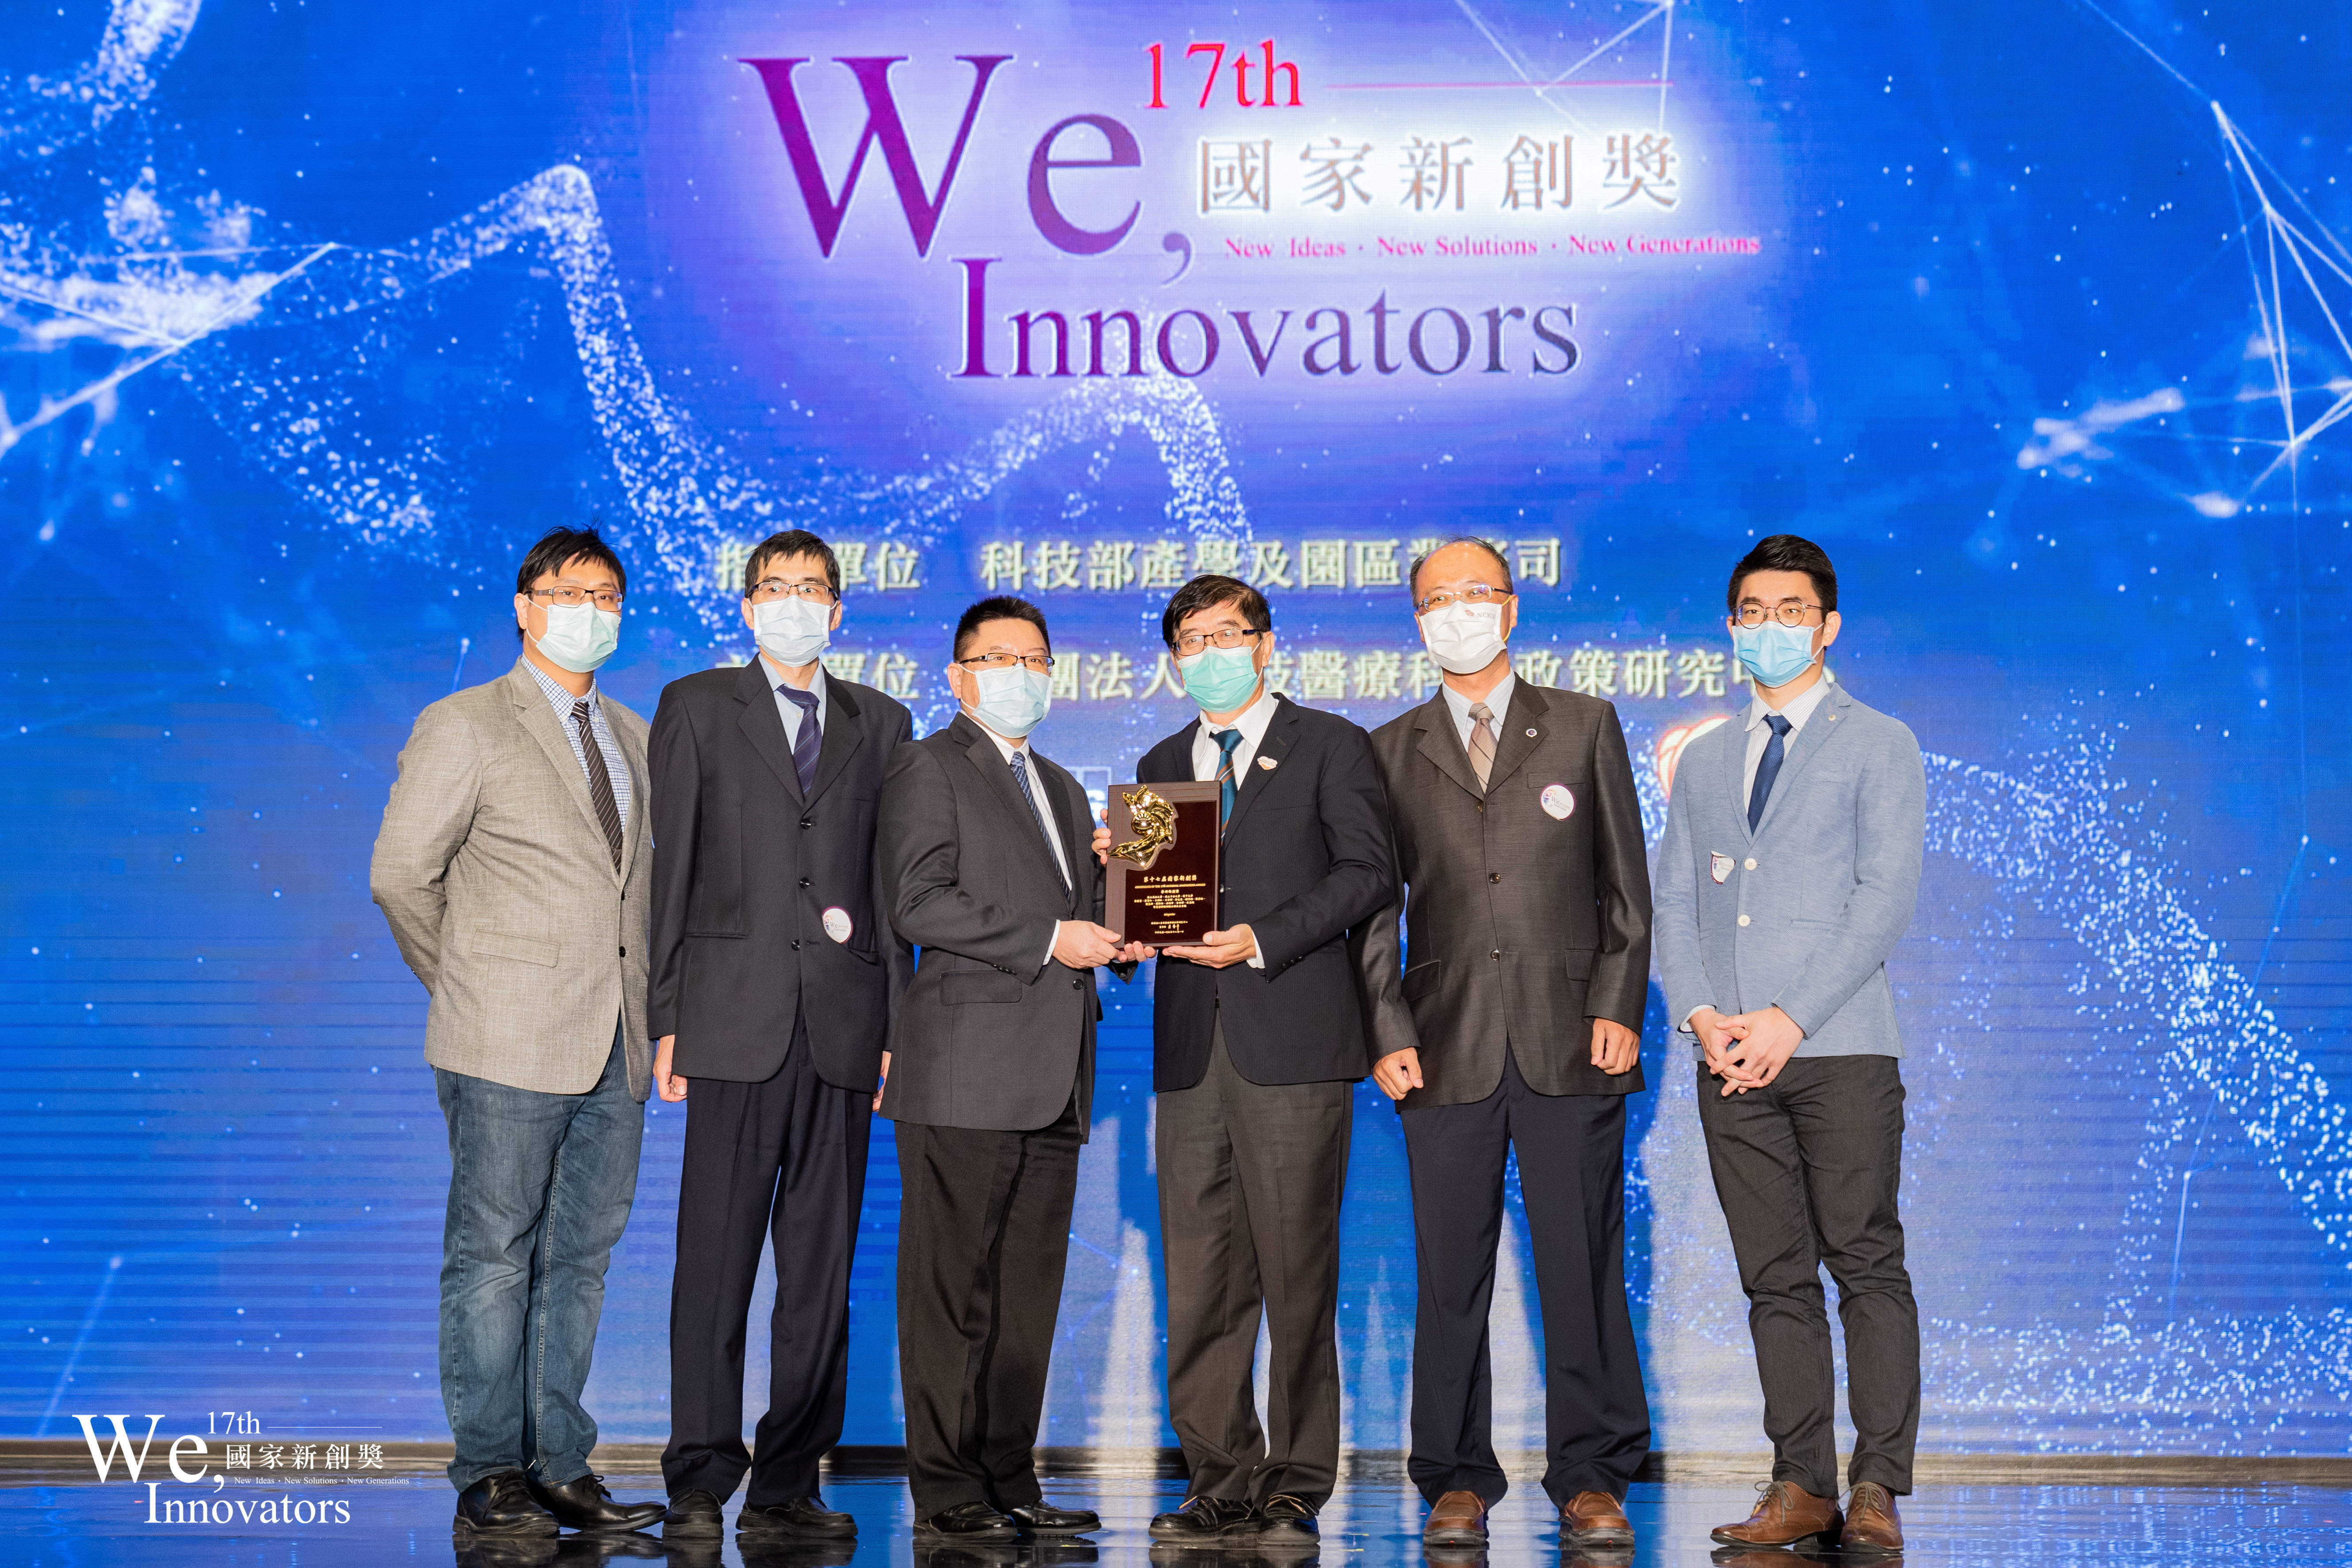 學研新創獎 智慧醫療與健康科技類獲獎